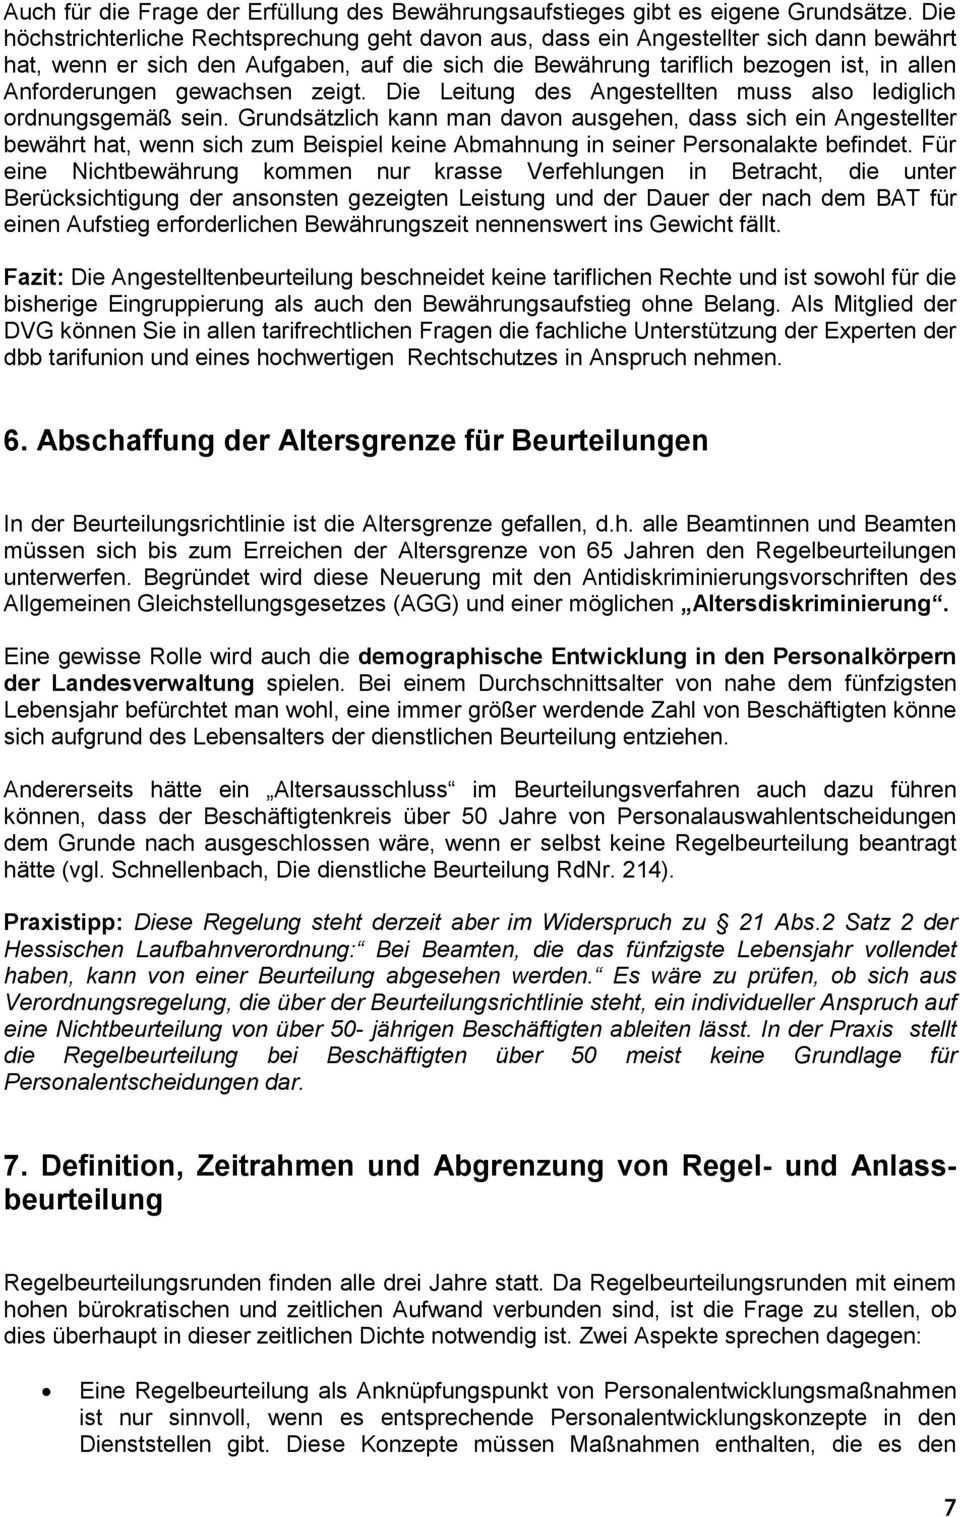 Richtlinien Fur Die Dienstliche Beurteilung Der Beamtinnen Und Beamten Und Angestellte Ab Vergutungsgruppe Vbdes Landes Hessen Pdf Free Download